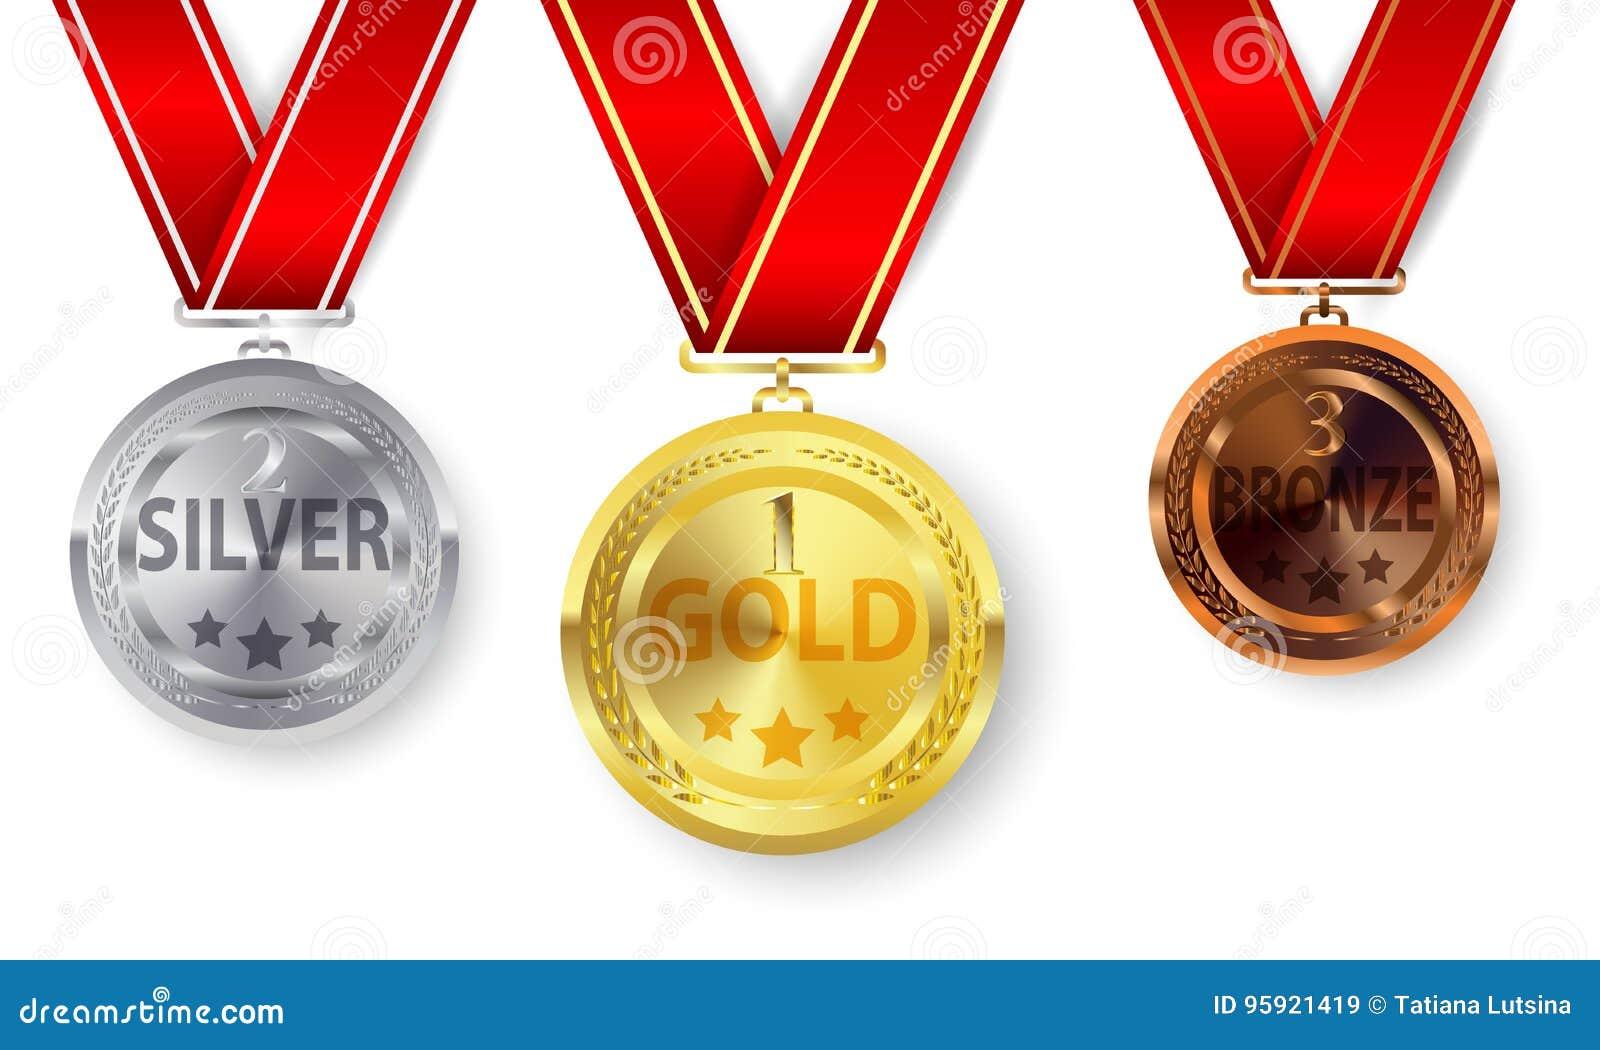 бронзовыми серебр установленный золотыми медалями